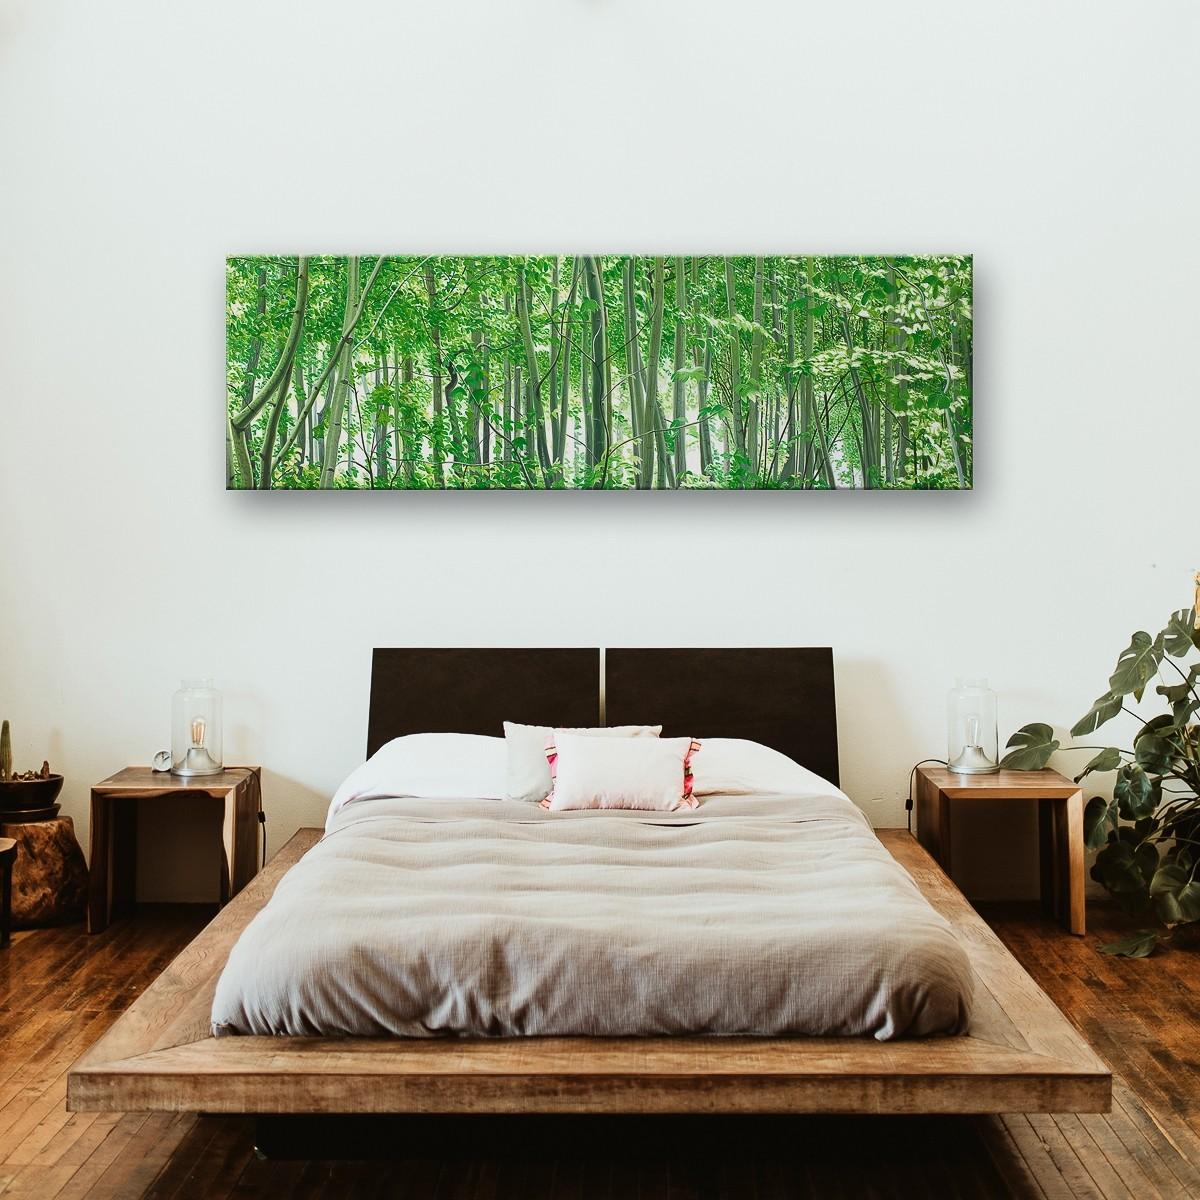 Mythischer Wald | Malerei von Sven Wiebers | Acryl auf Baumwolle, realistisch - Raumansicht